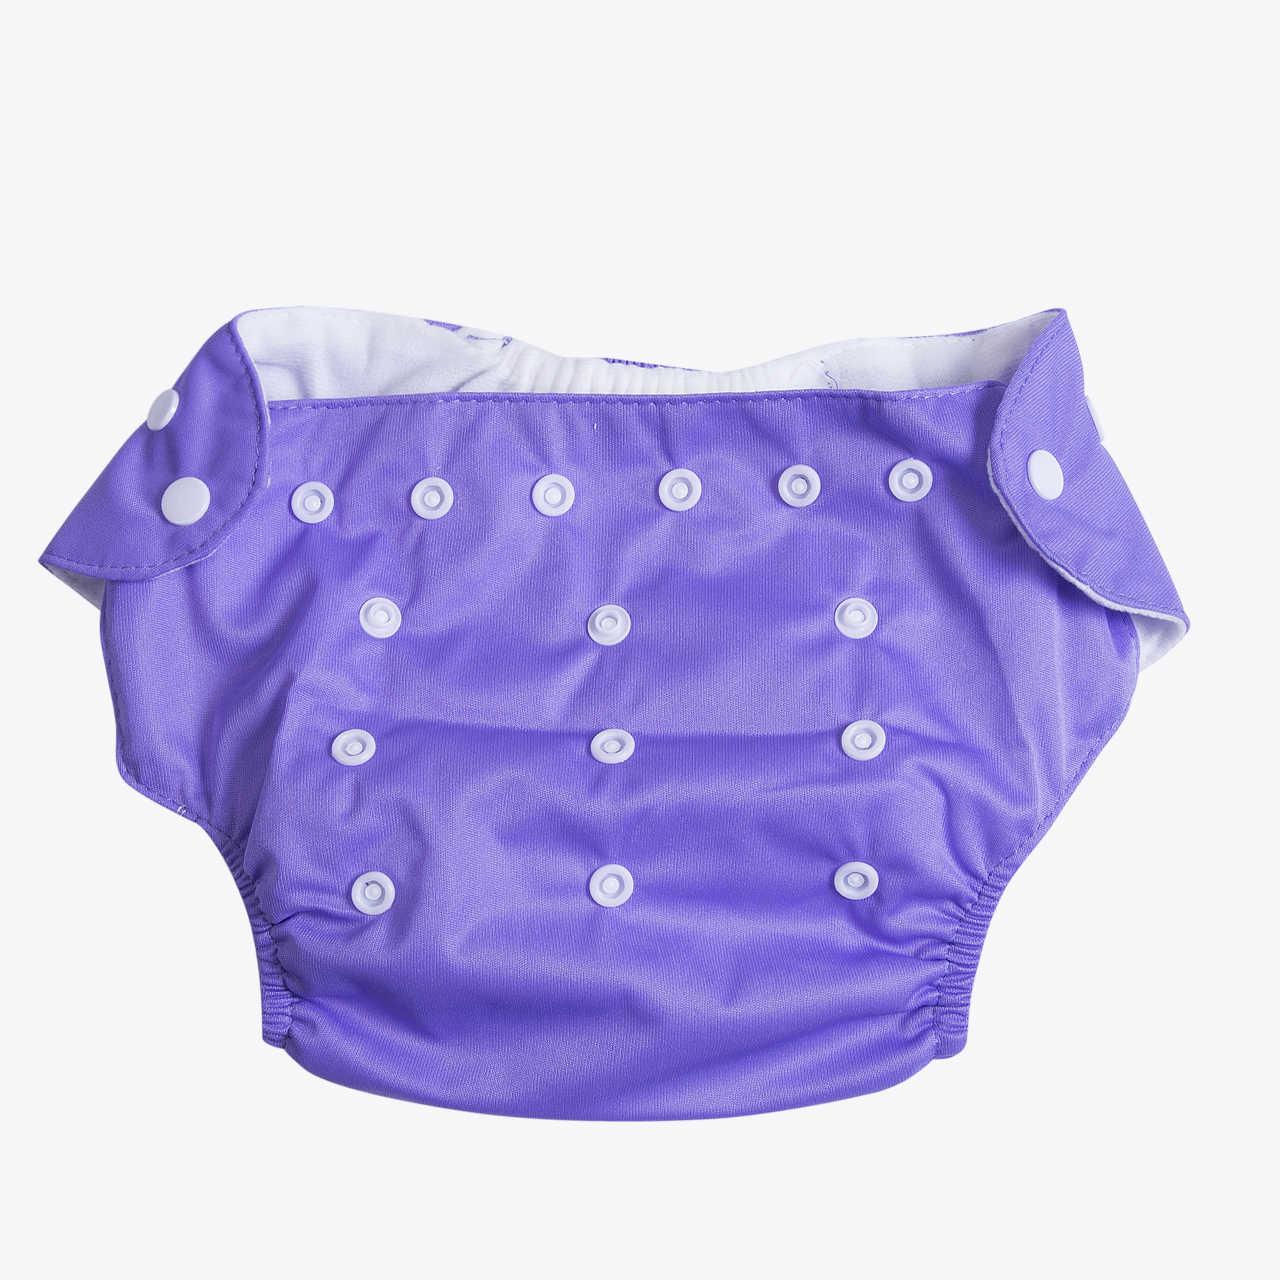 Recién llegado, 1 unidad, lote ajustable reutilizable, pañal de tela lavable para bebés y niños, pañales C para bebés y niñas